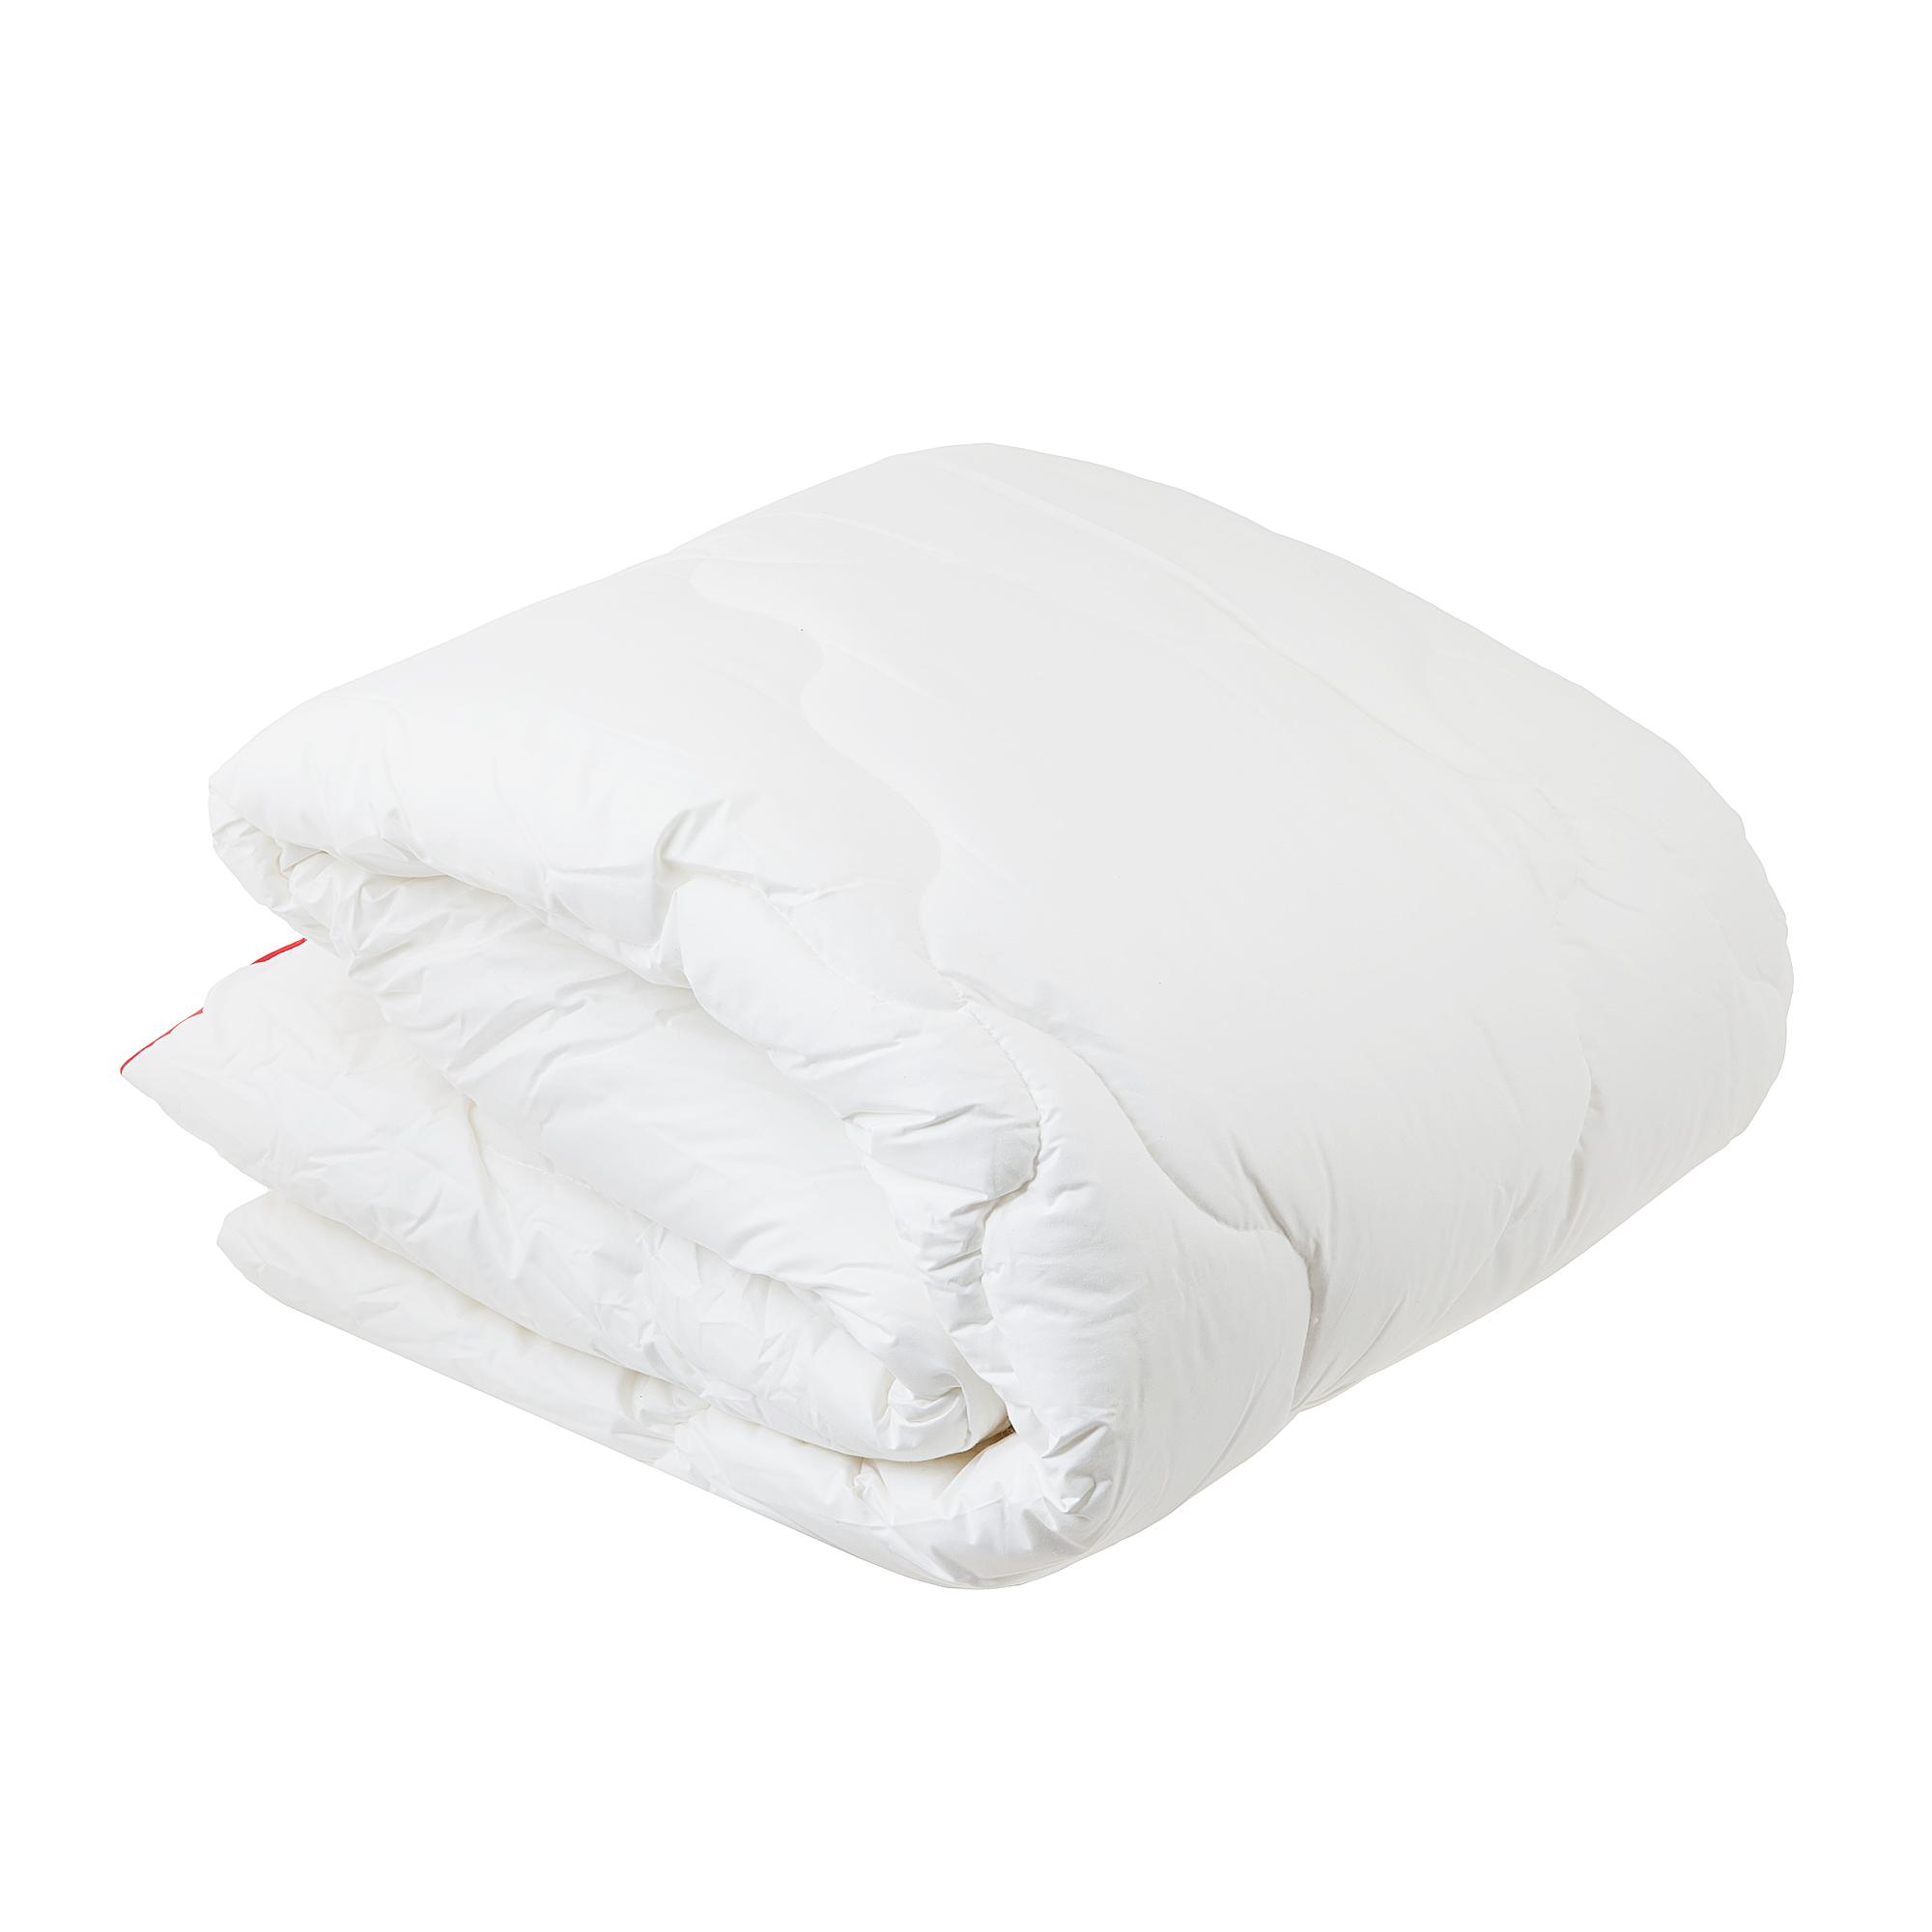 Одеяло стеганое гармония 200x220 Belashoff